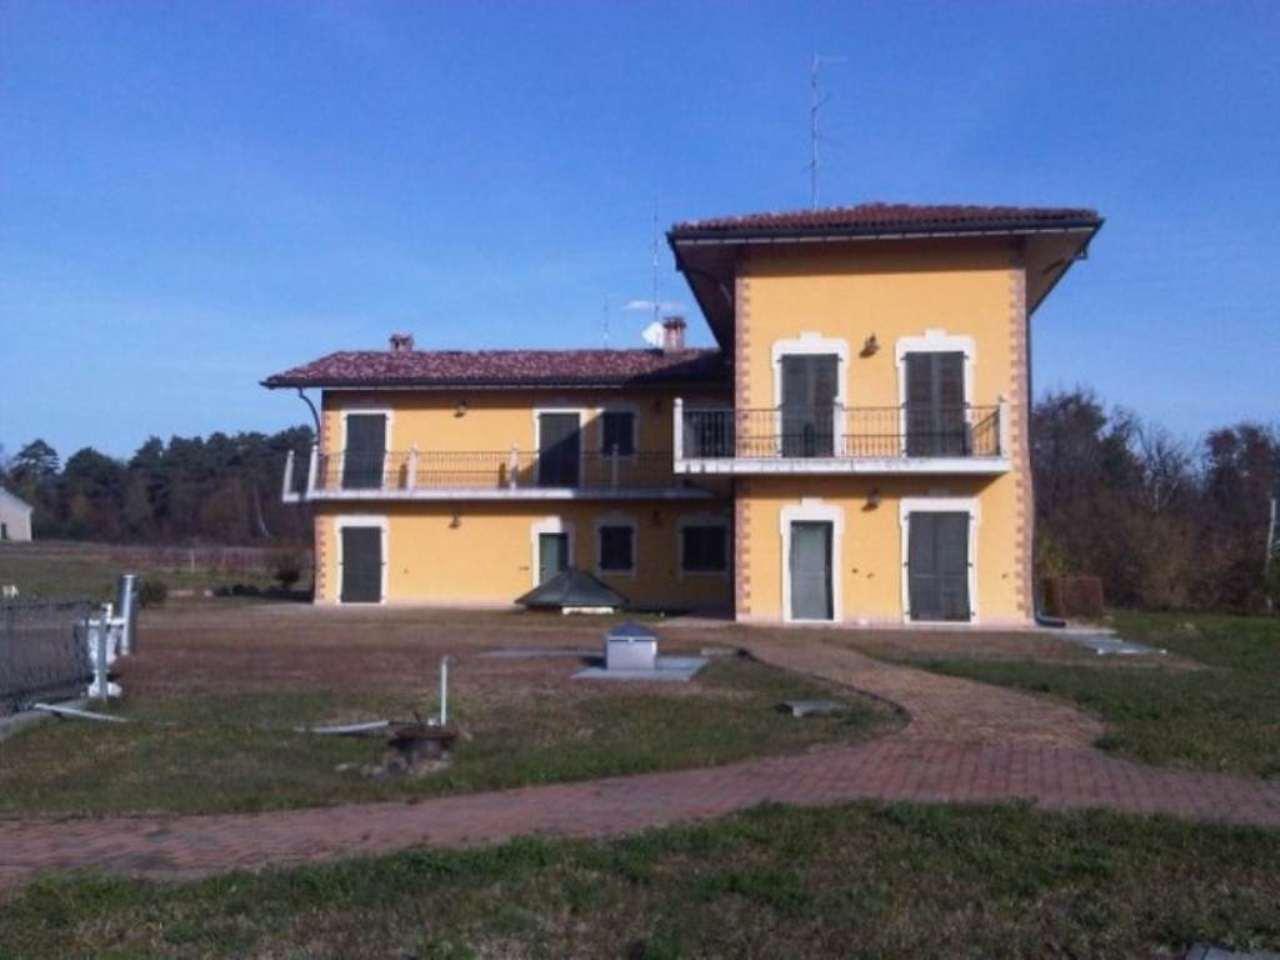 Casa indipendente in Vendita a Castiglione Olona: 5 locali, 1250 mq